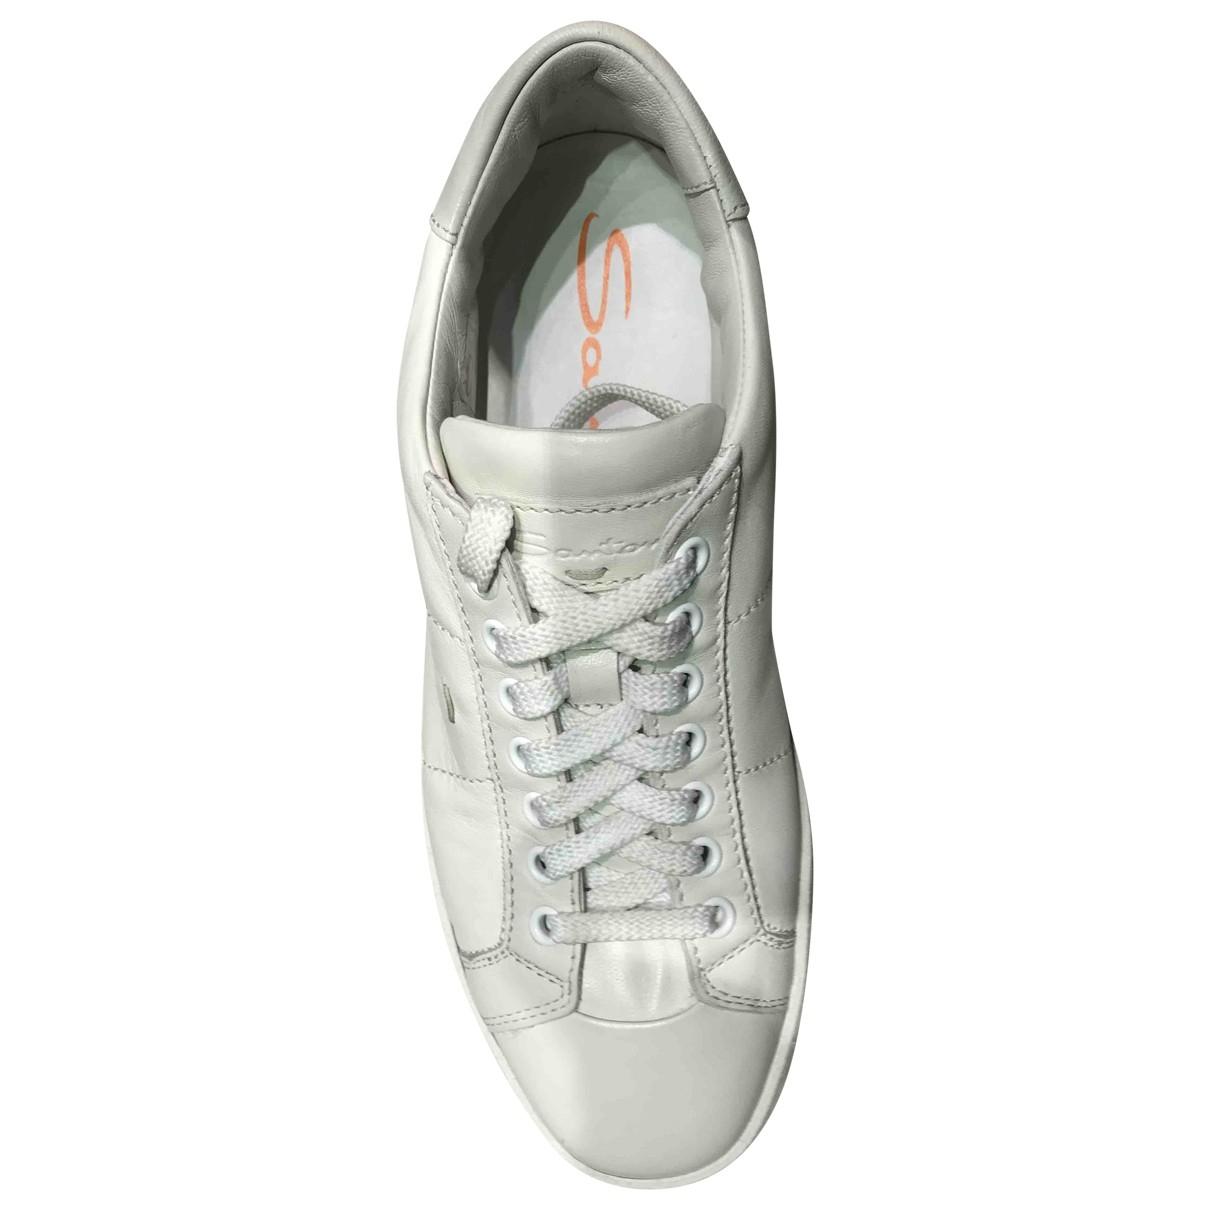 Santoni - Baskets   pour homme en cuir - blanc